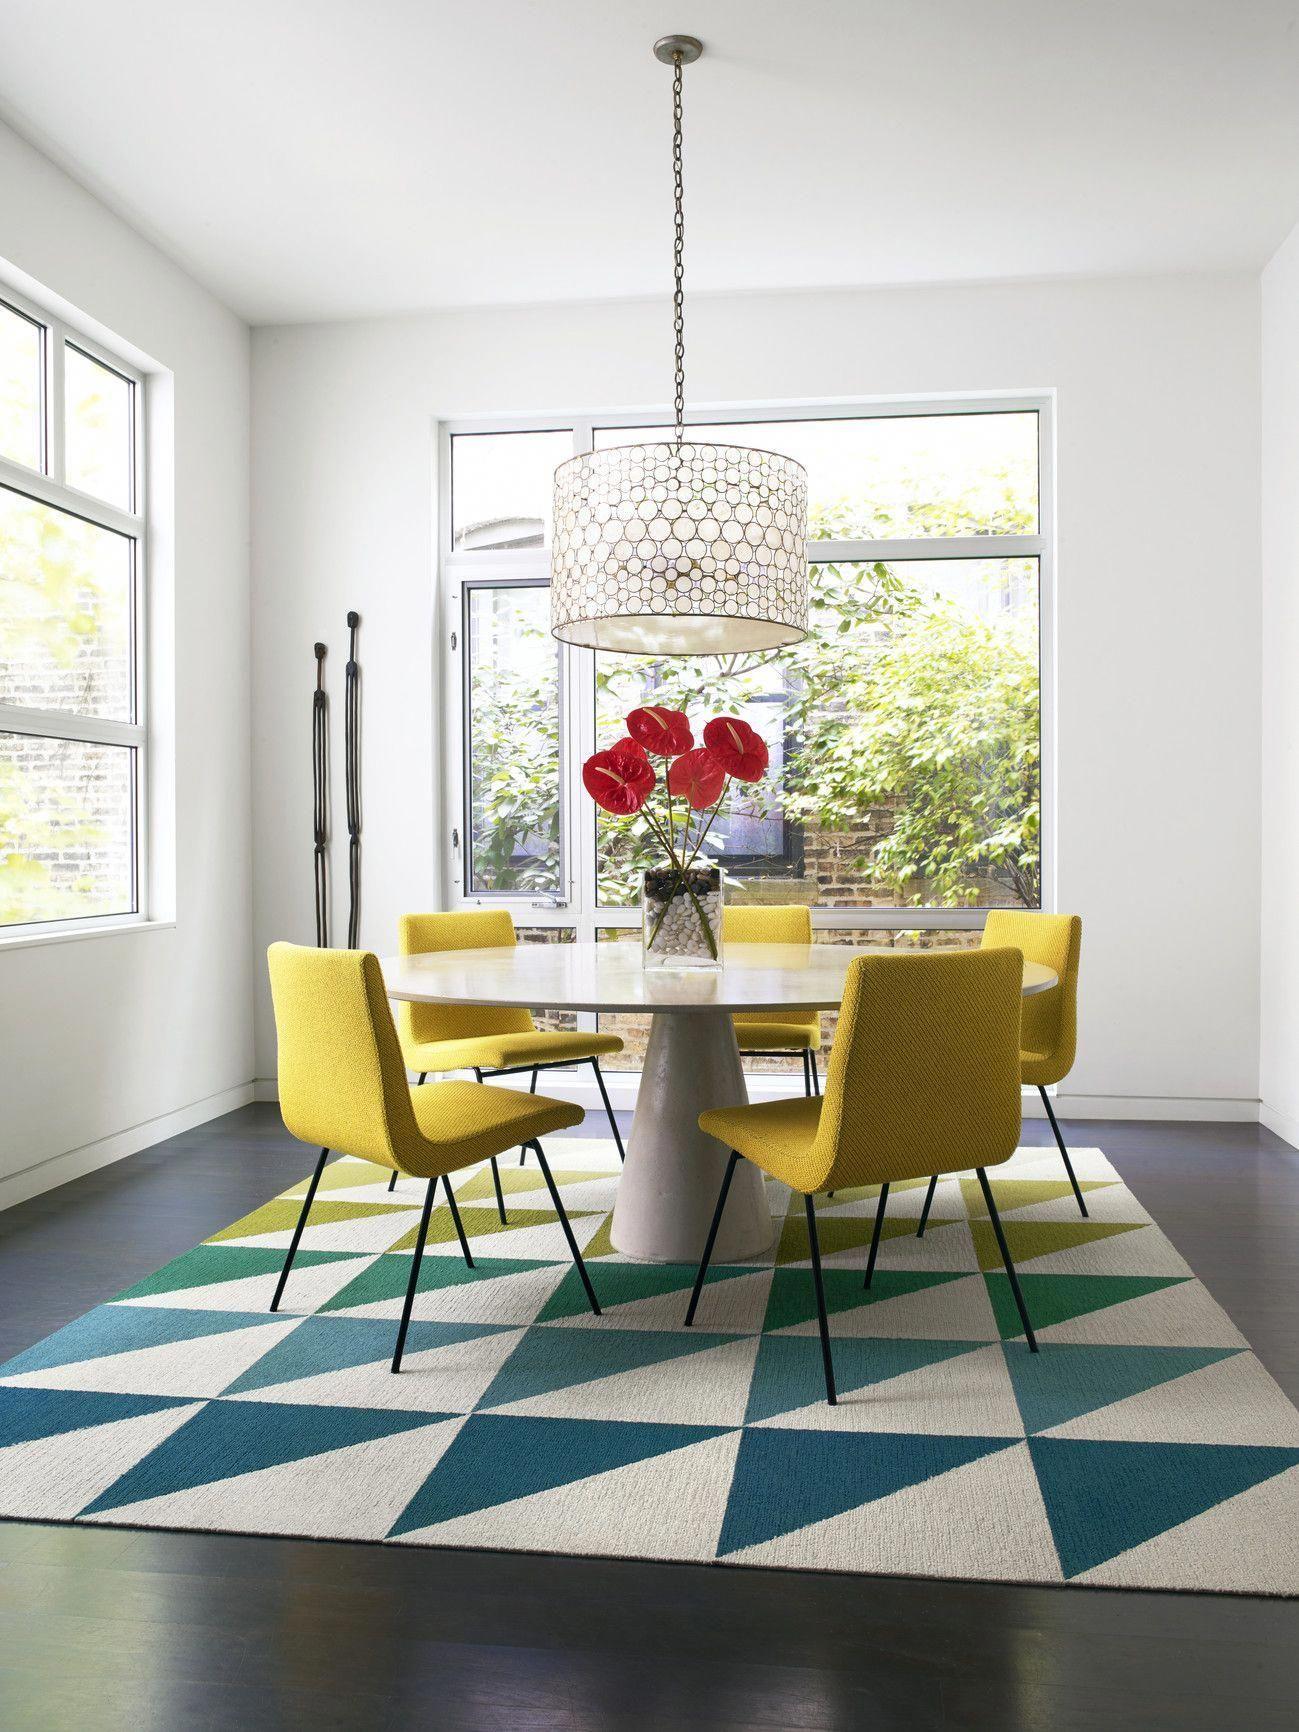 Vous Devez Voir Cette Merveilleuse Salle A Manger Avec Des Meubles De Luxe Pour Vous Aider A Ameliorer L Interior Design Interior Design Living Room Home Decor